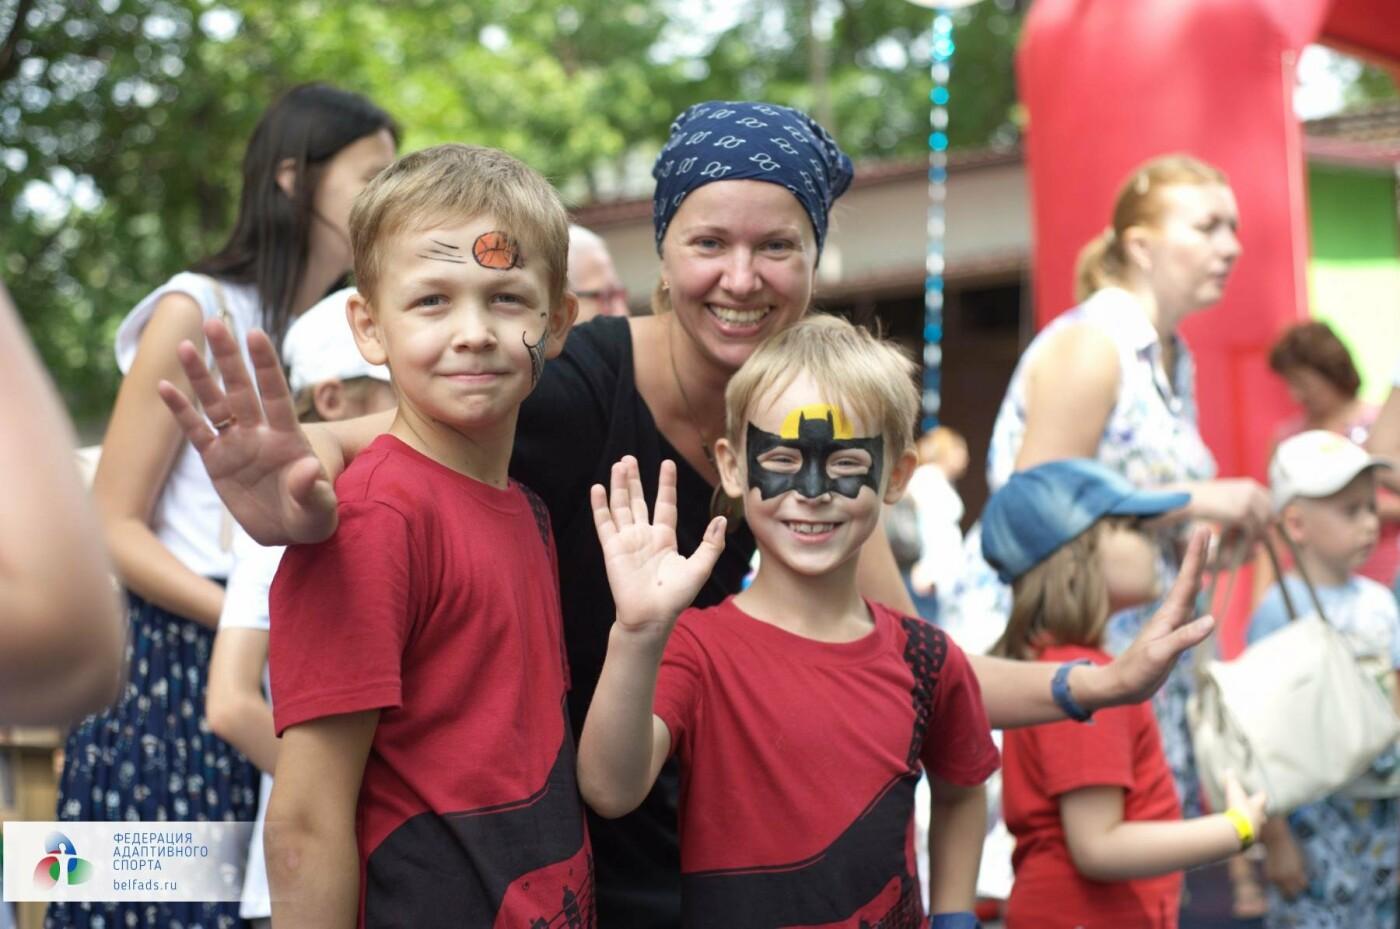 В Белгороде прошёл первый инклюзивный фестиваль «Позвольте мне победить» для детей и подростков с ментальными нарушениями, фото-15